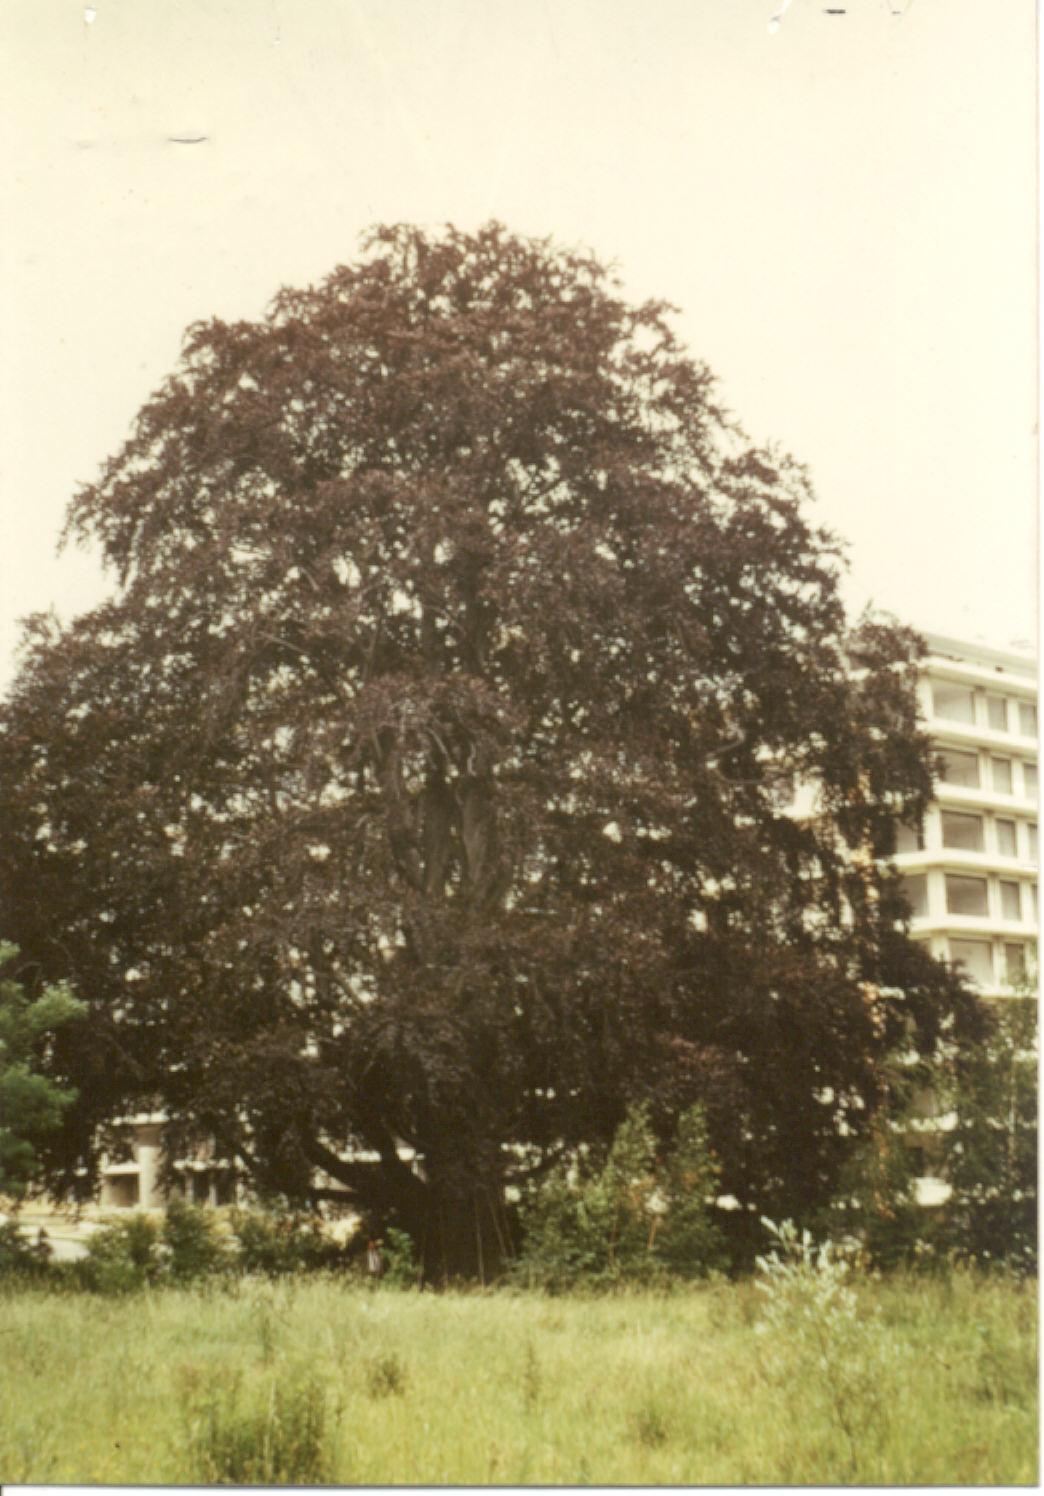 Hêtre pourpre – Uccle, Avenue Jean Burgers, 1 –  01 Janvier 1993